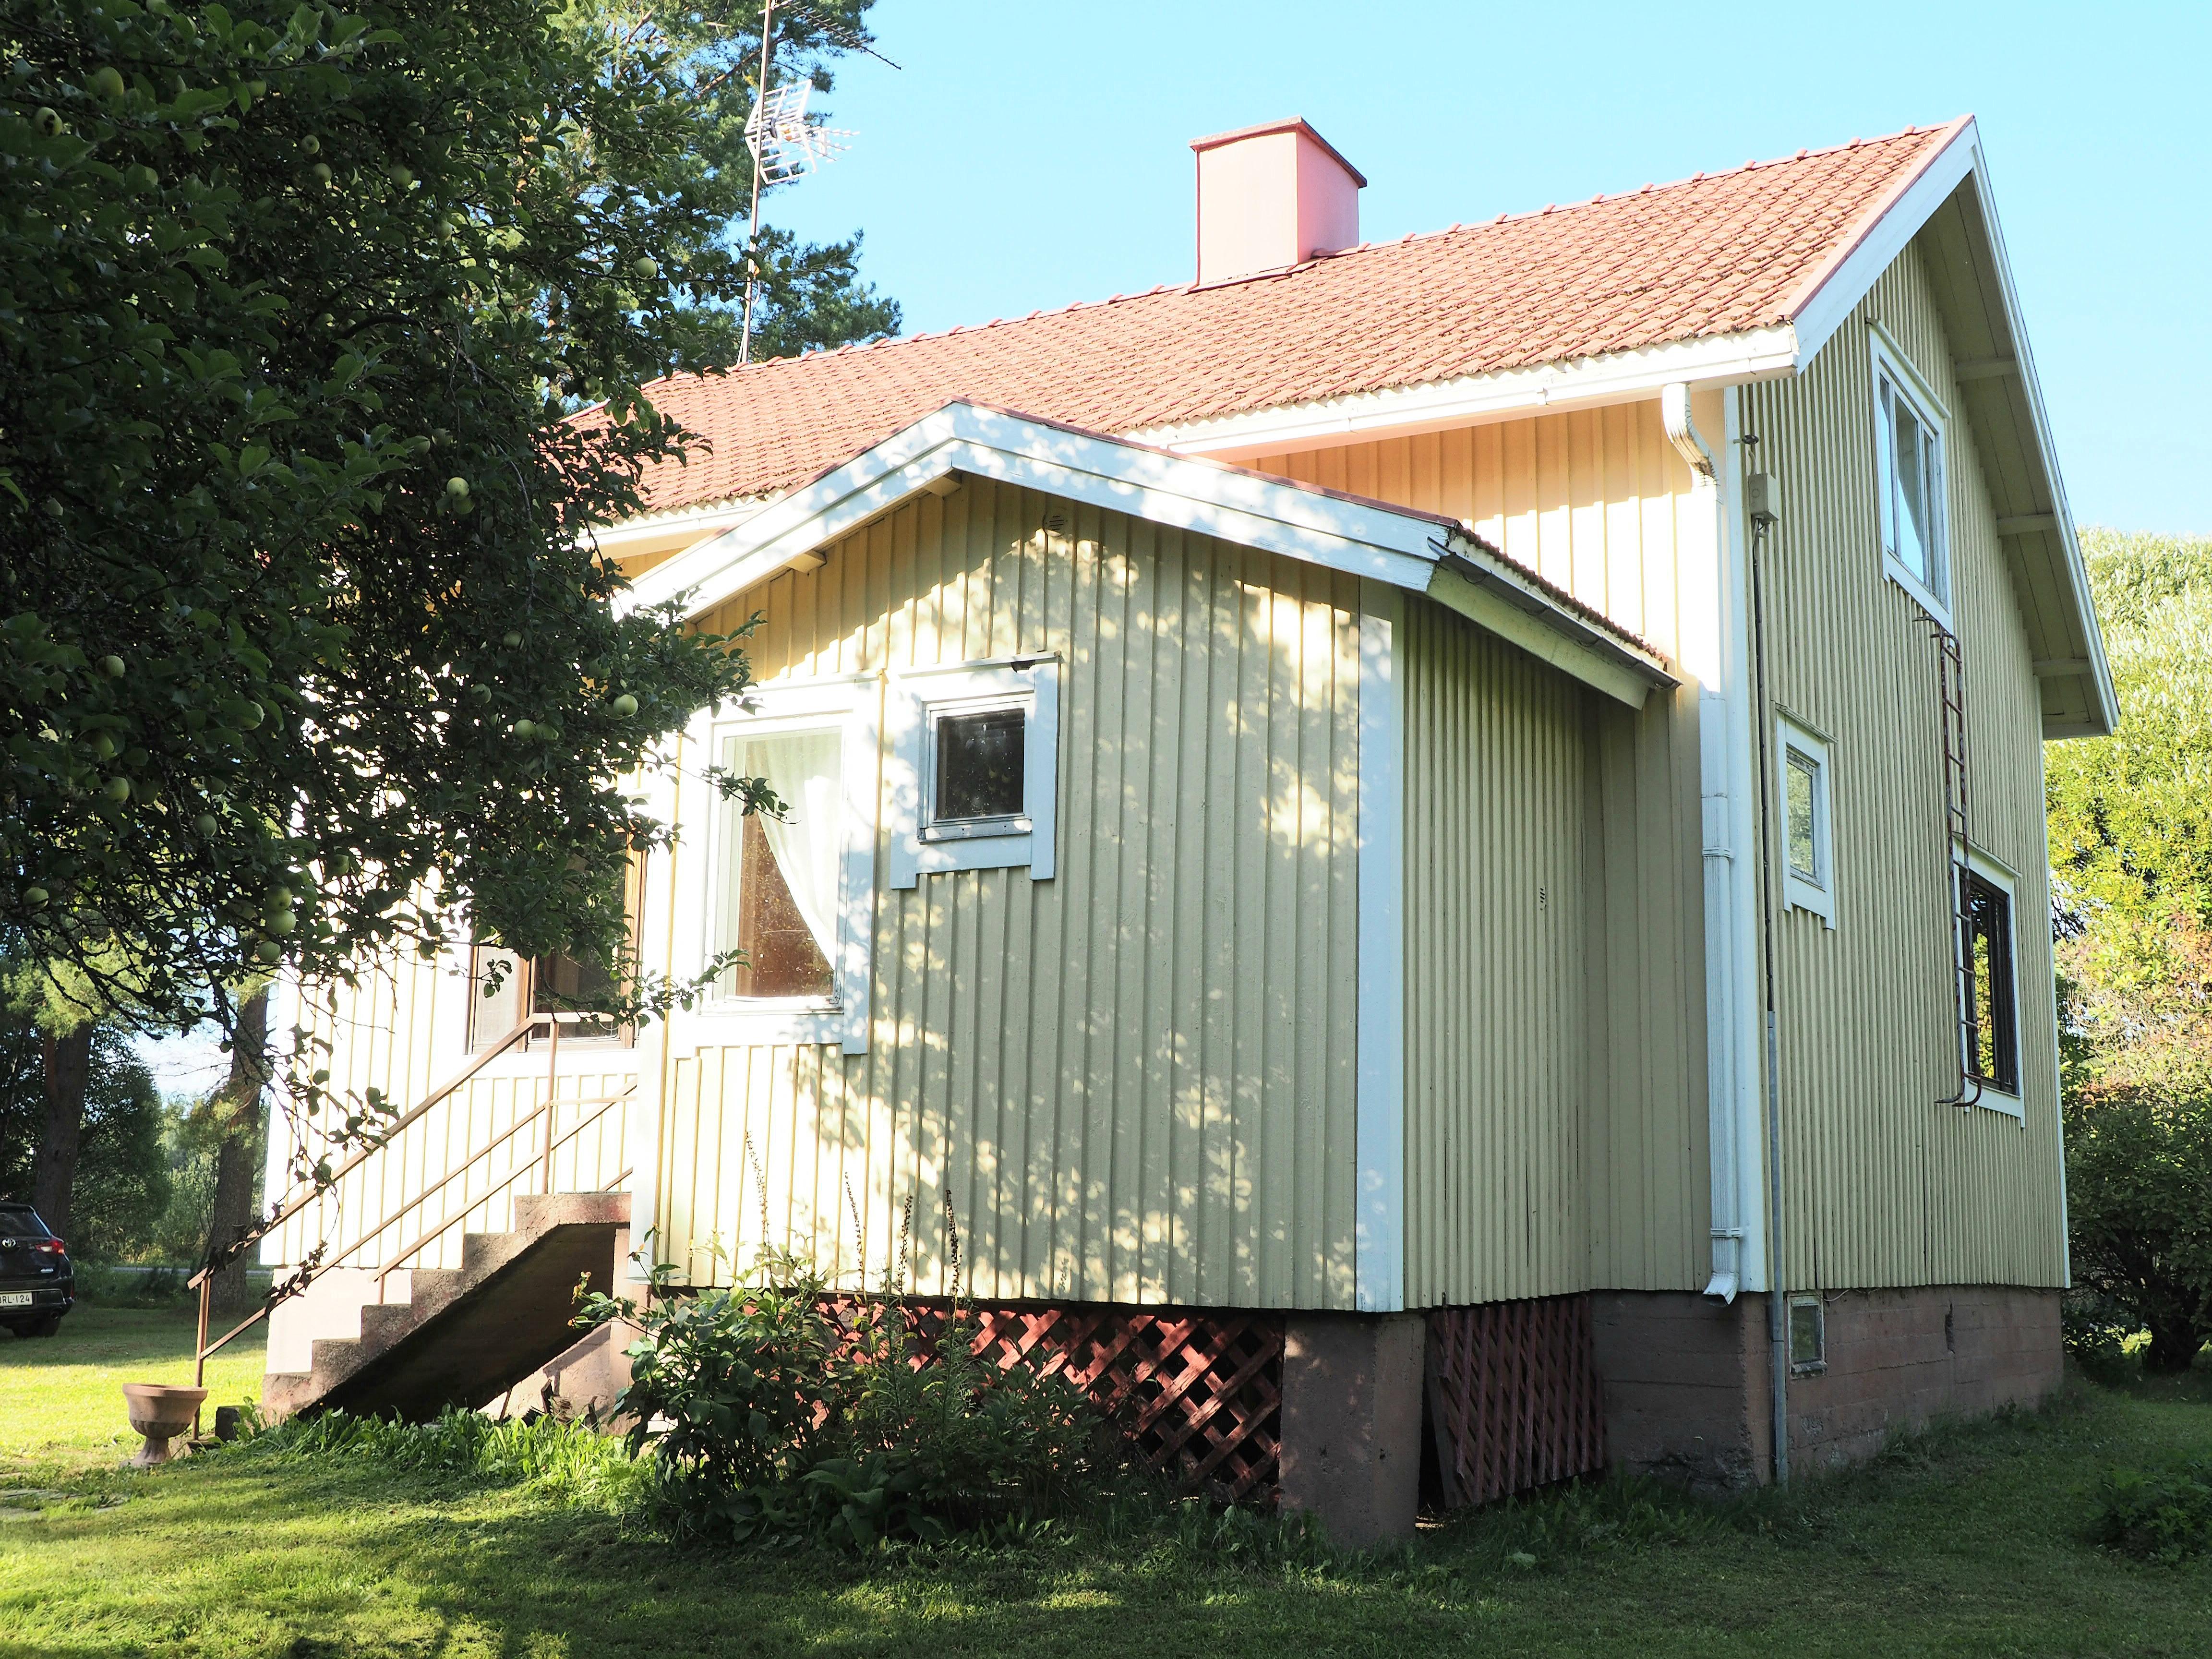 Suomelantie 86, YpÄjÄ